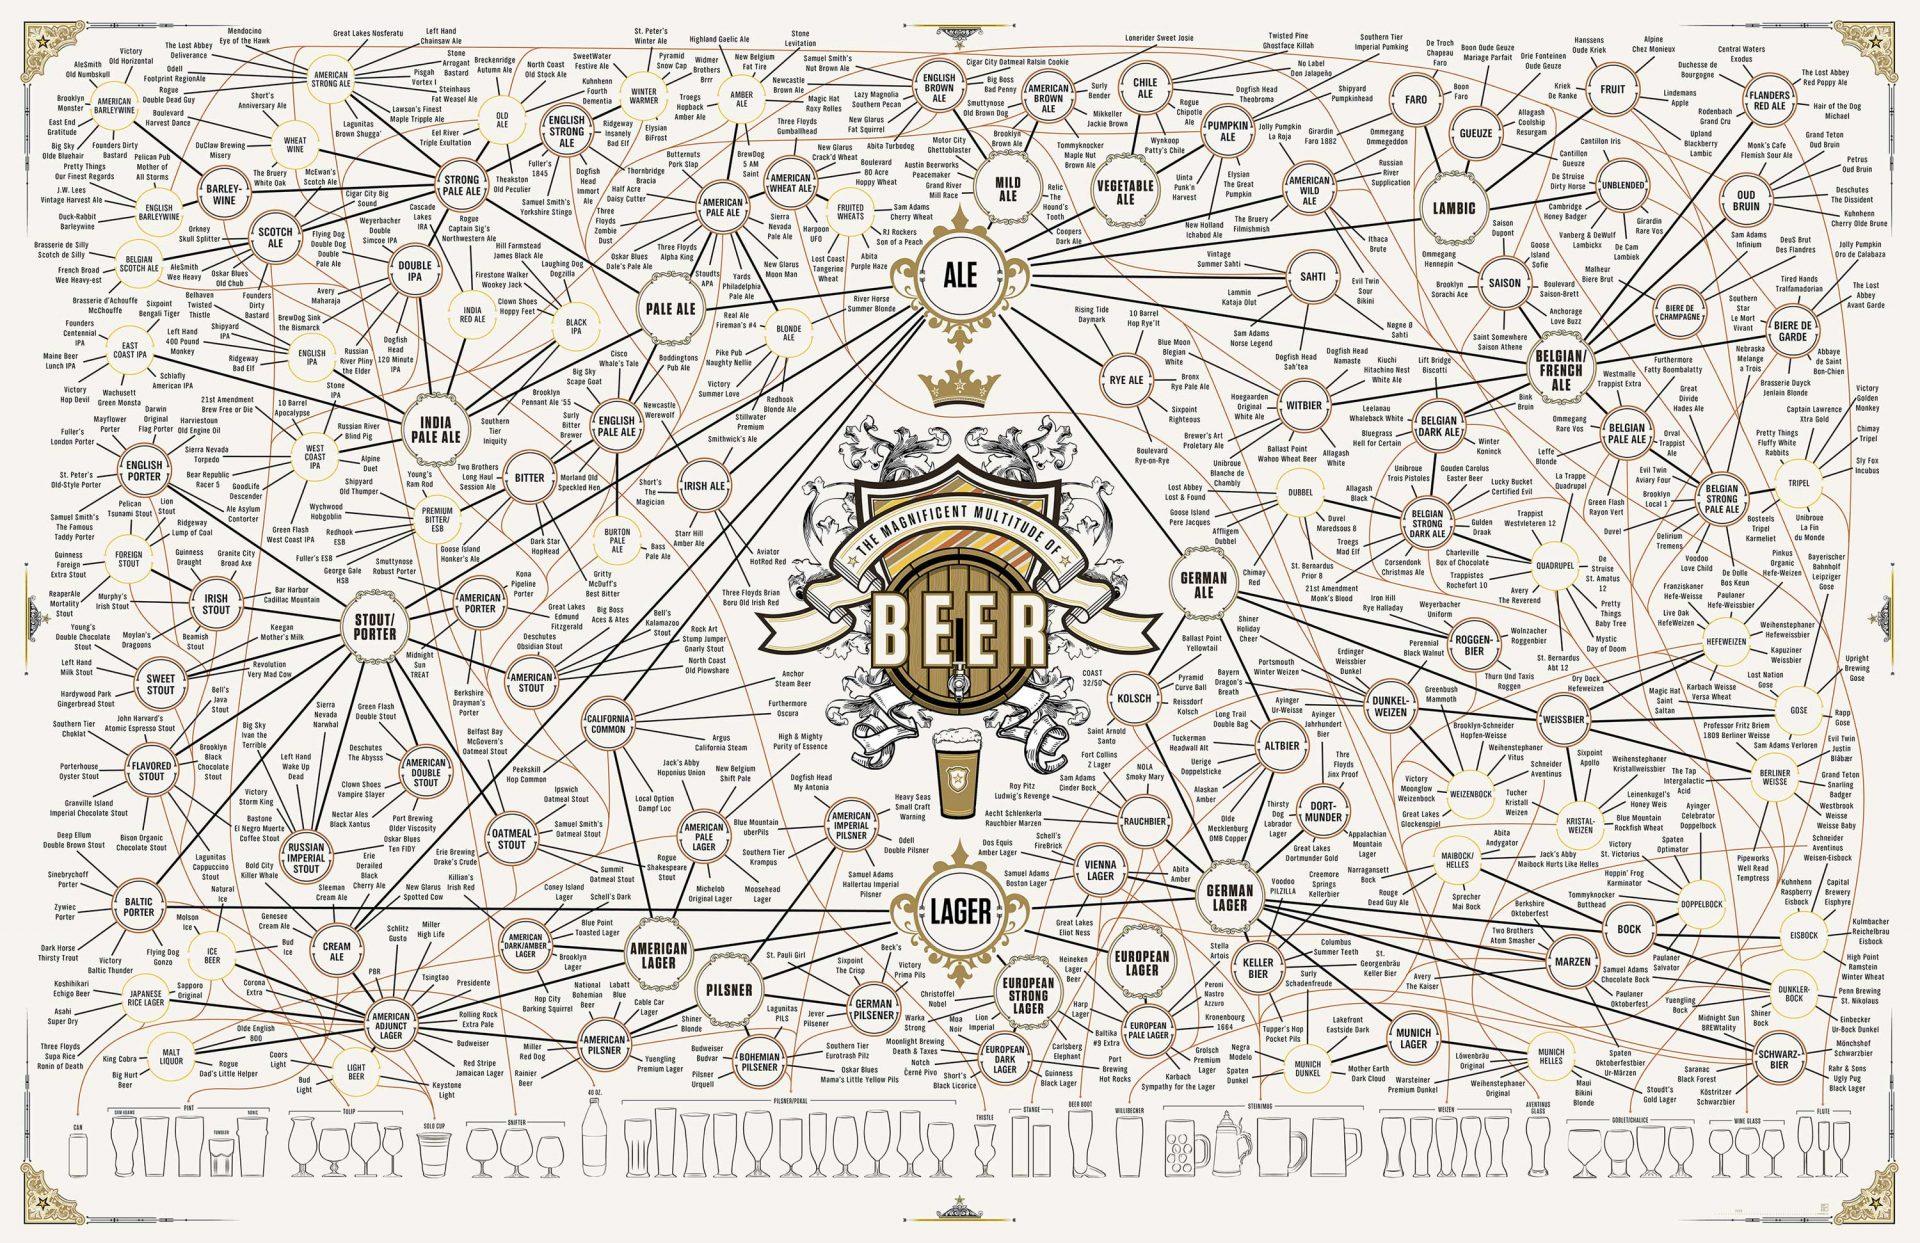 Gli stili della birra video image